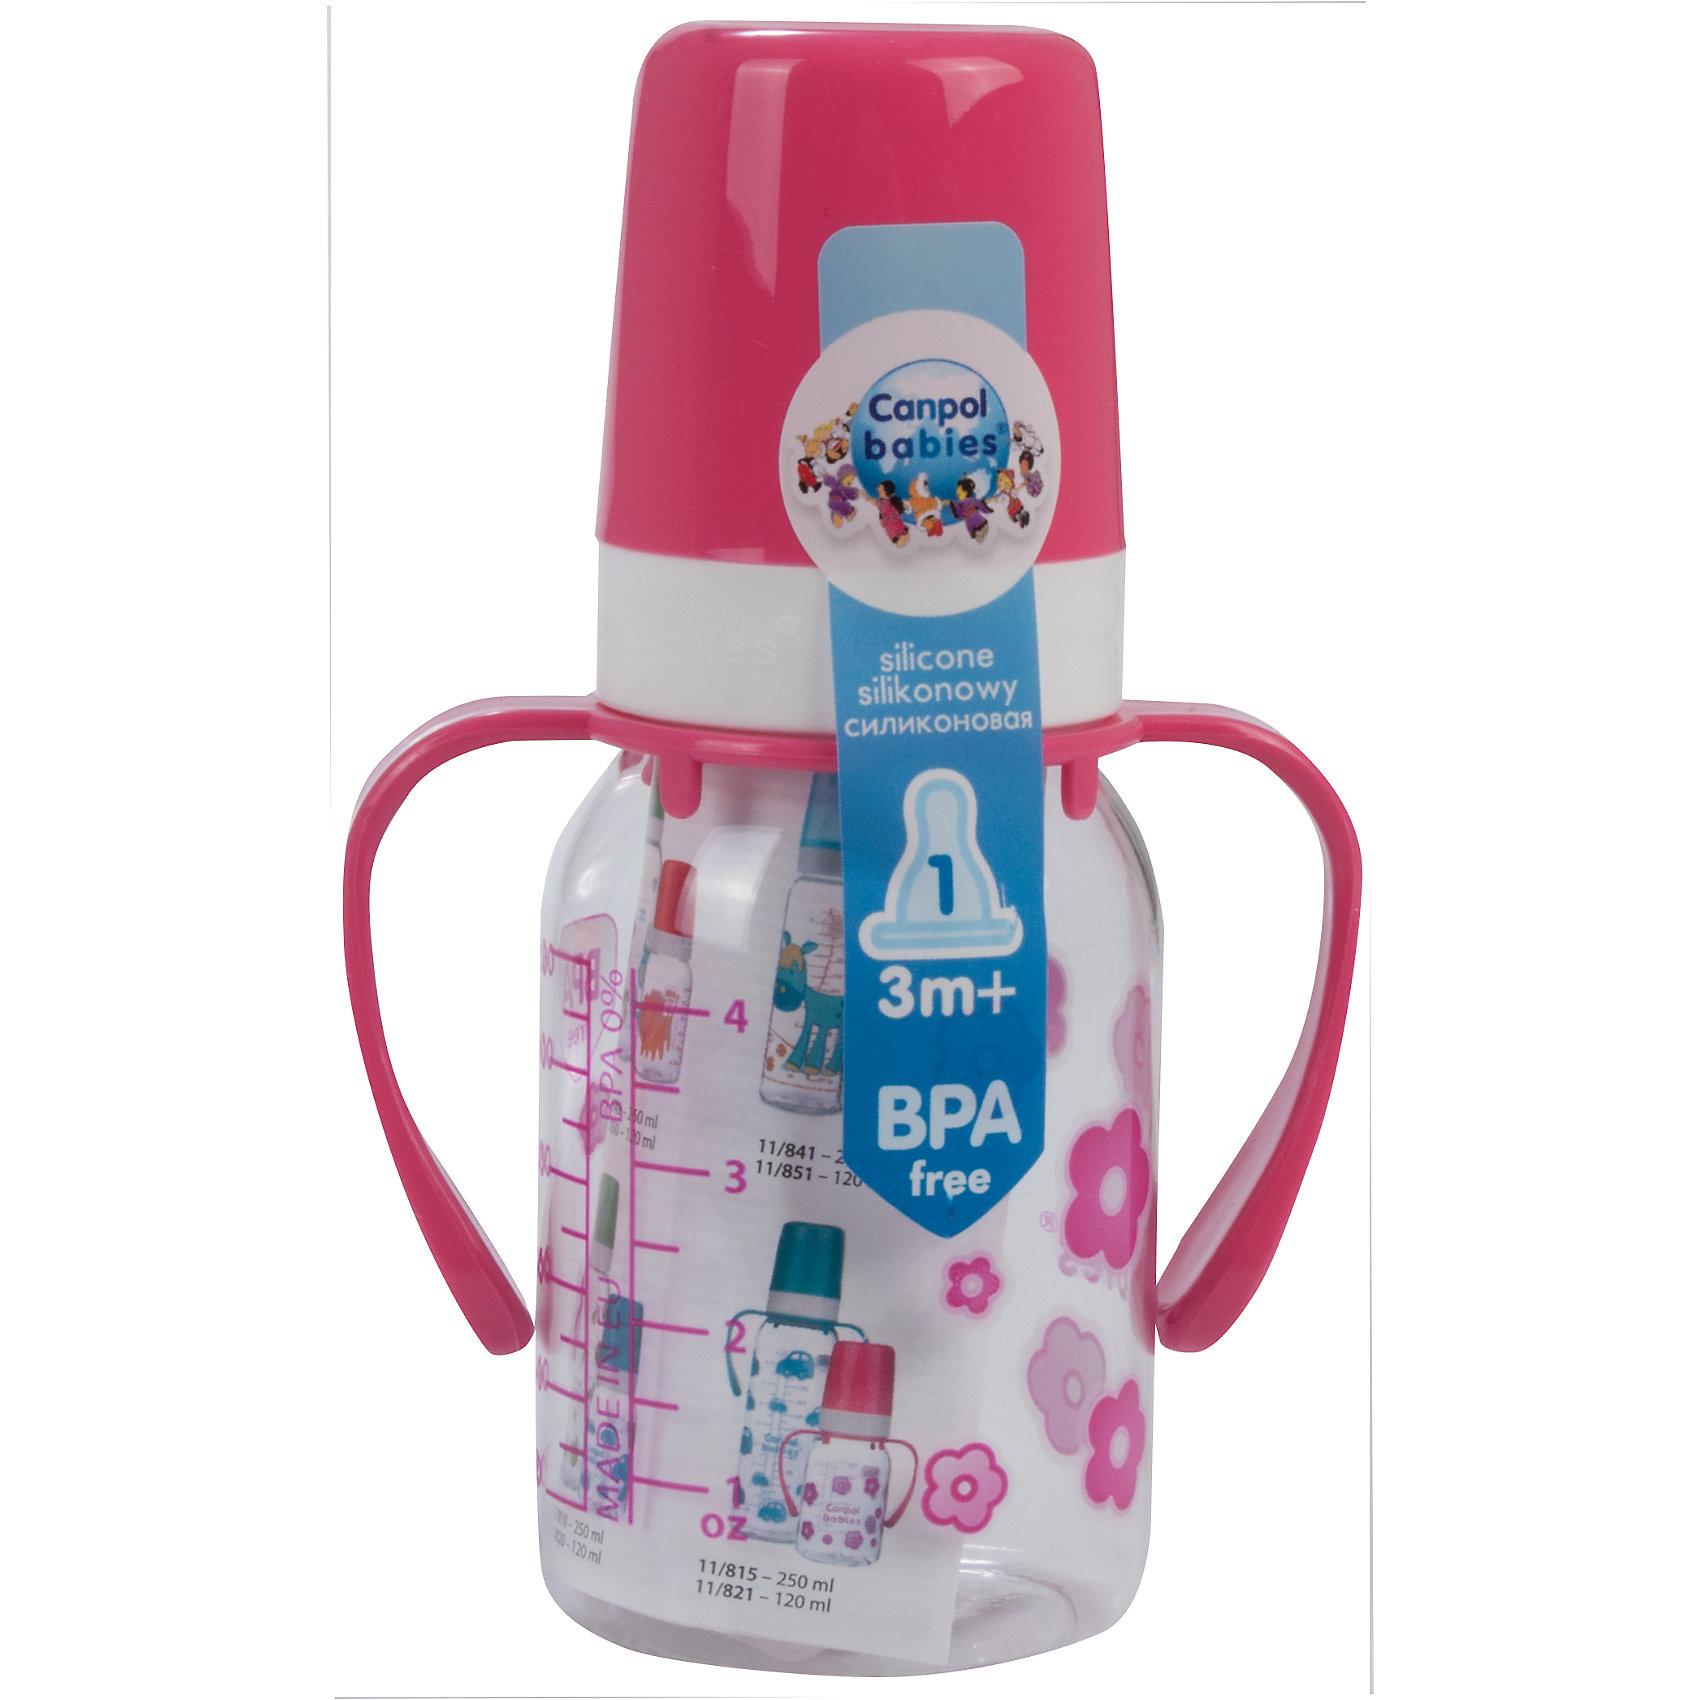 Бутылочка тритановая 120 мл. 3+, Canpol Babies, розовыйБутылочка тритановая (BPA 0%) с ручками с сил. соской, 120 мл. 3+, Canpol Babies, (Канпол Бейбис), розовый.<br><br>Характеристики: <br><br>• Объем бутылочки: 120мл.<br>• Материал бутылочки: тритан - пластик нового поколения.<br>• Материал соски: силикон.<br>• Цвет : розовый. <br>• Удобные ручки.<br>Бутылочка тритановая (BPA 0%) с ручками с сил. соской, 120 мл. 3+, Canpol Babies, (Канпол Бейбис) имеет классическую форму и снабжена ручками. Удобна в использовании дома и в дороге. Бутылочка выполнена из безопасного качественного материала - тритана, который хорошо держит тепло, снабжена силиконовой соской (медленный поток) и защитным колпачком, имеет удобную мерную шкалу.  Такую бутылочку и все части можно кипятить в воде или стерилизовать с помощью специального прибора. Не впитывает запахи. По мере взросления малыш сможет самостоятельно пить из бутылочки, держа  ее за удобные ручки.<br>Бутылочку тритановая (BPA 0%) с ручками с сил. соской, 120 мл. 3+, Canpol Babies, (Канпол Бейбис), розовый можно купить в нашем интернет- магазине.<br><br>Ширина мм: 175<br>Глубина мм: 55<br>Высота мм: 87<br>Вес г: 530<br>Возраст от месяцев: 3<br>Возраст до месяцев: 18<br>Пол: Женский<br>Возраст: Детский<br>SKU: 5156788